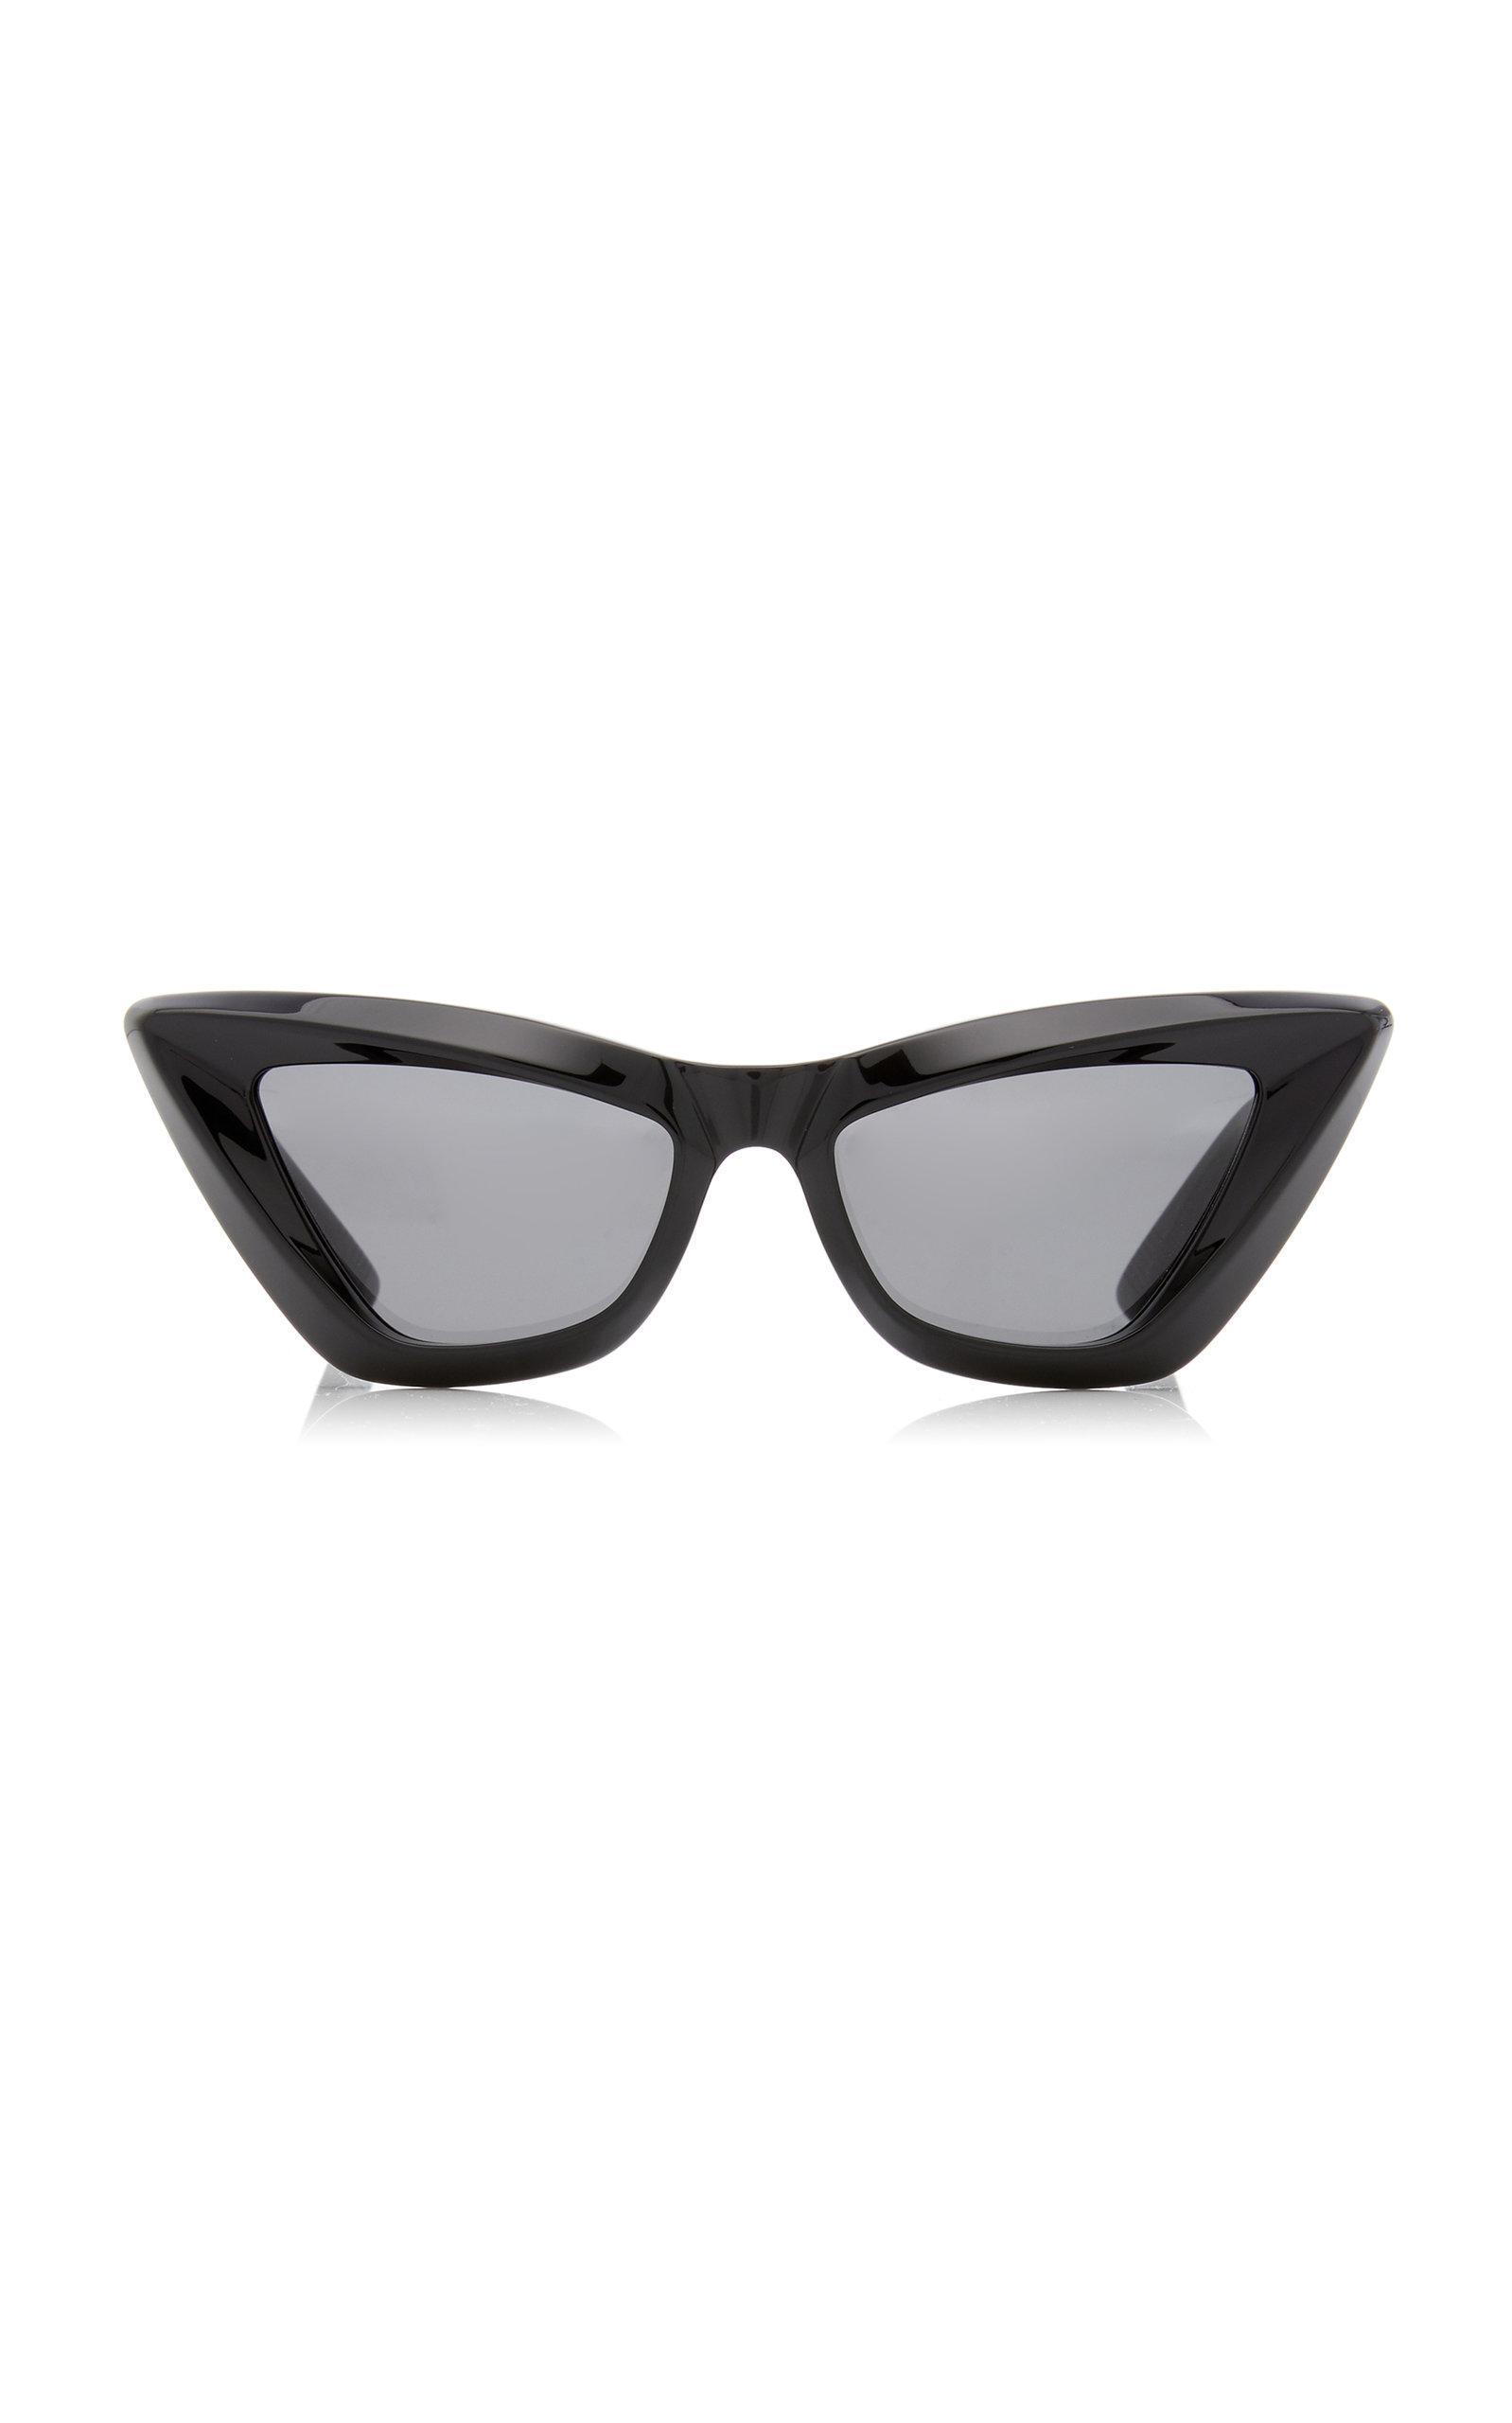 Bottega Veneta - Women's Cat-Eye Acetate Sunglasses - Black - Moda Operandi